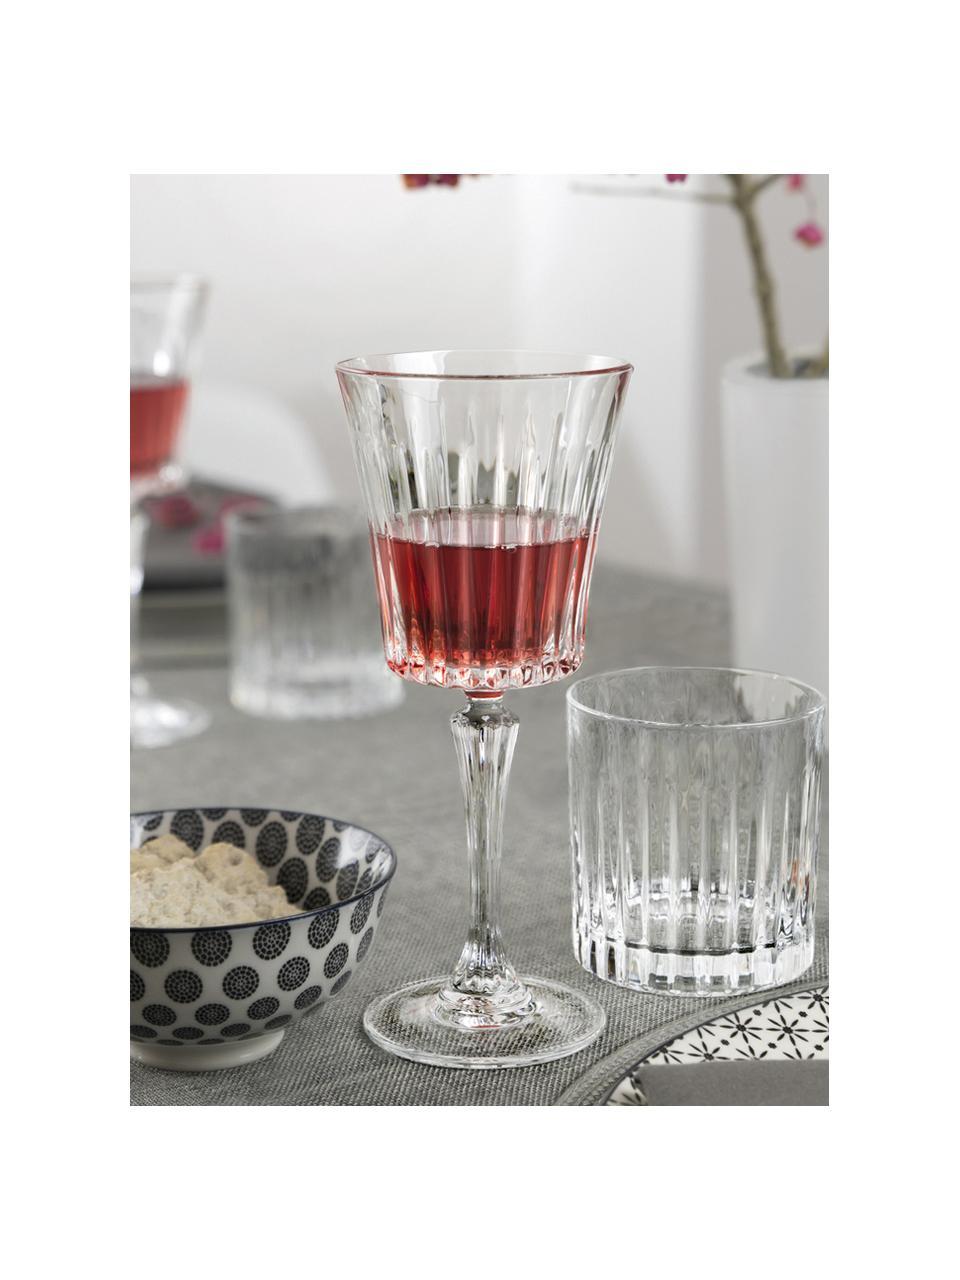 Kristallen rode wijnglazen Timeless met groefreliëf, 6 stuks, Luxion kristalglas, Transparant, Ø 9 x H 21 cm